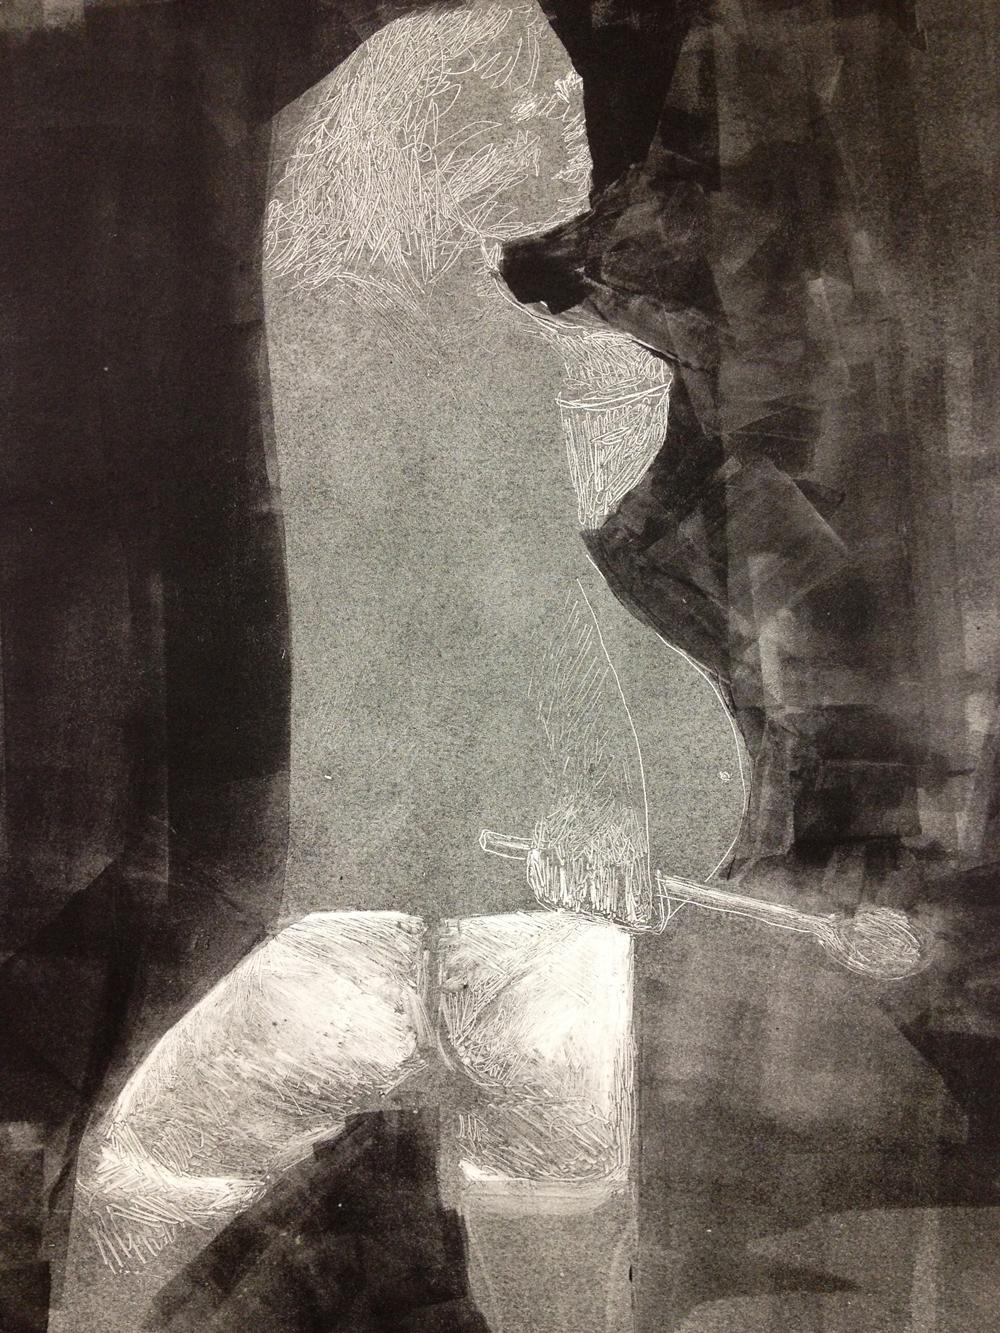 2013-03-10 003 woman.JPG